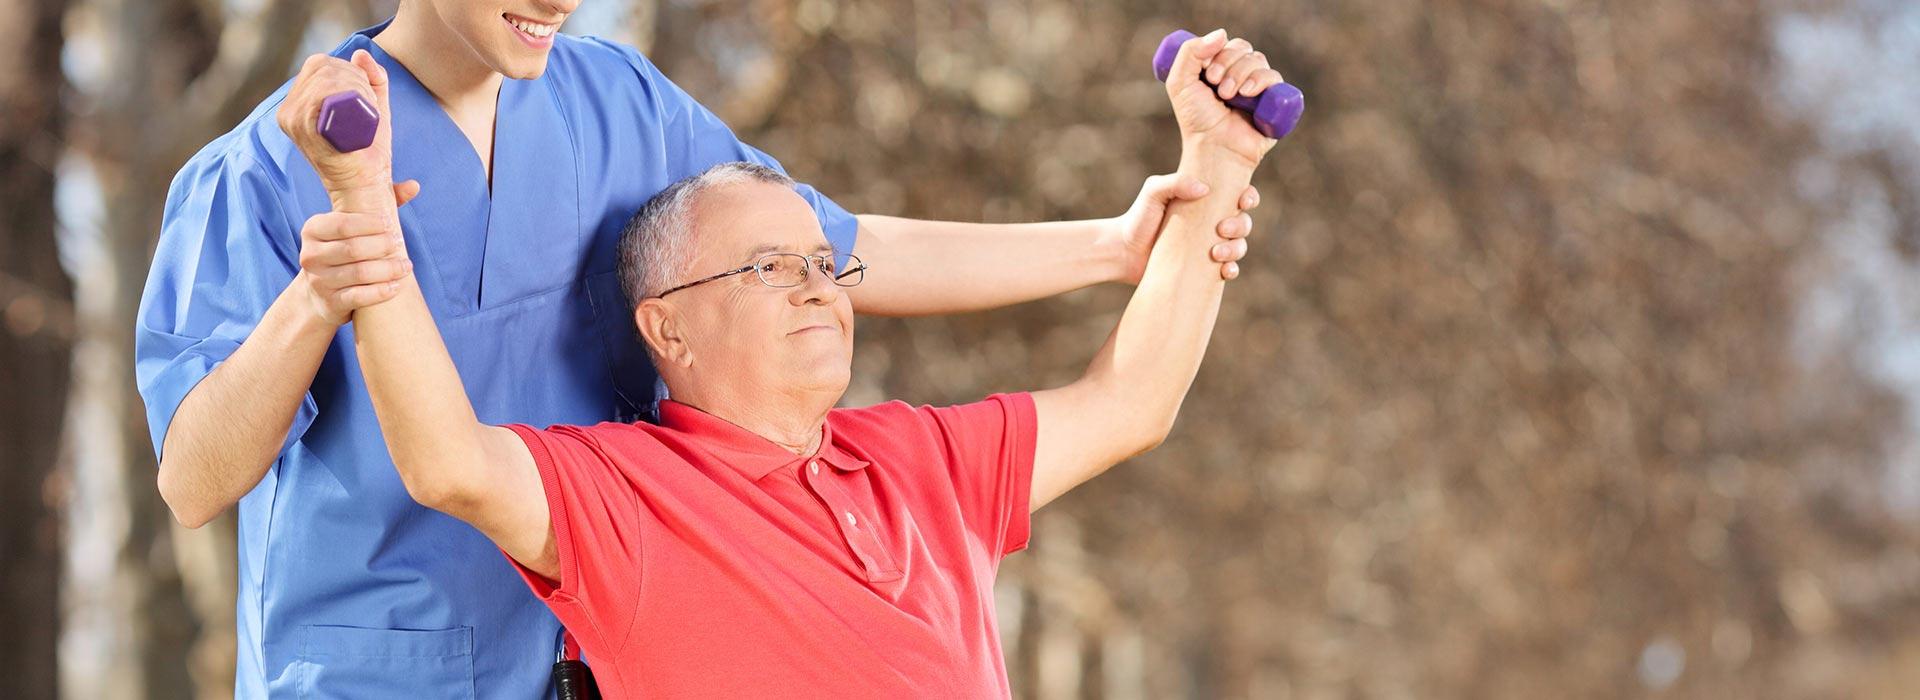 Hausbesuche Physiotherapie Schwabach